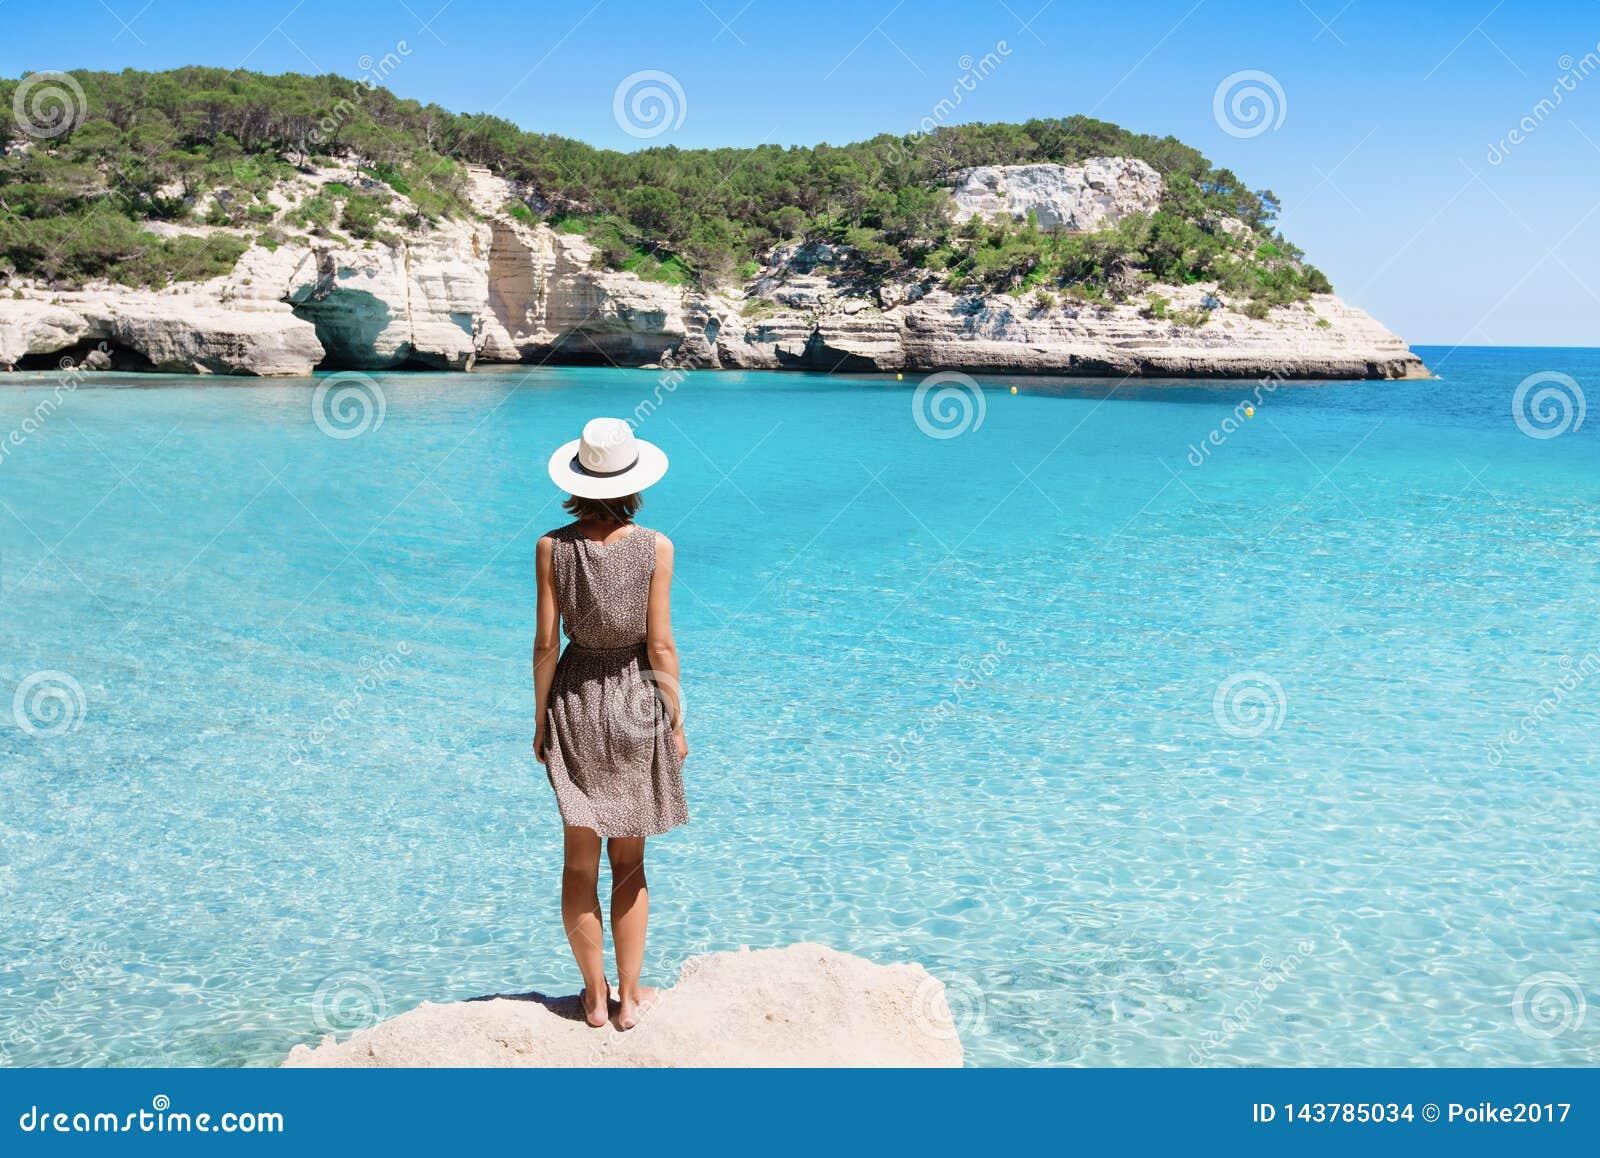 Νέος ταξιδιώτης γυναικών που εξετάζει τη θάλασσα, το ταξίδι και την ενεργό έννοια τρόπου ζωής Χαλάρωση και έννοια διακοπών